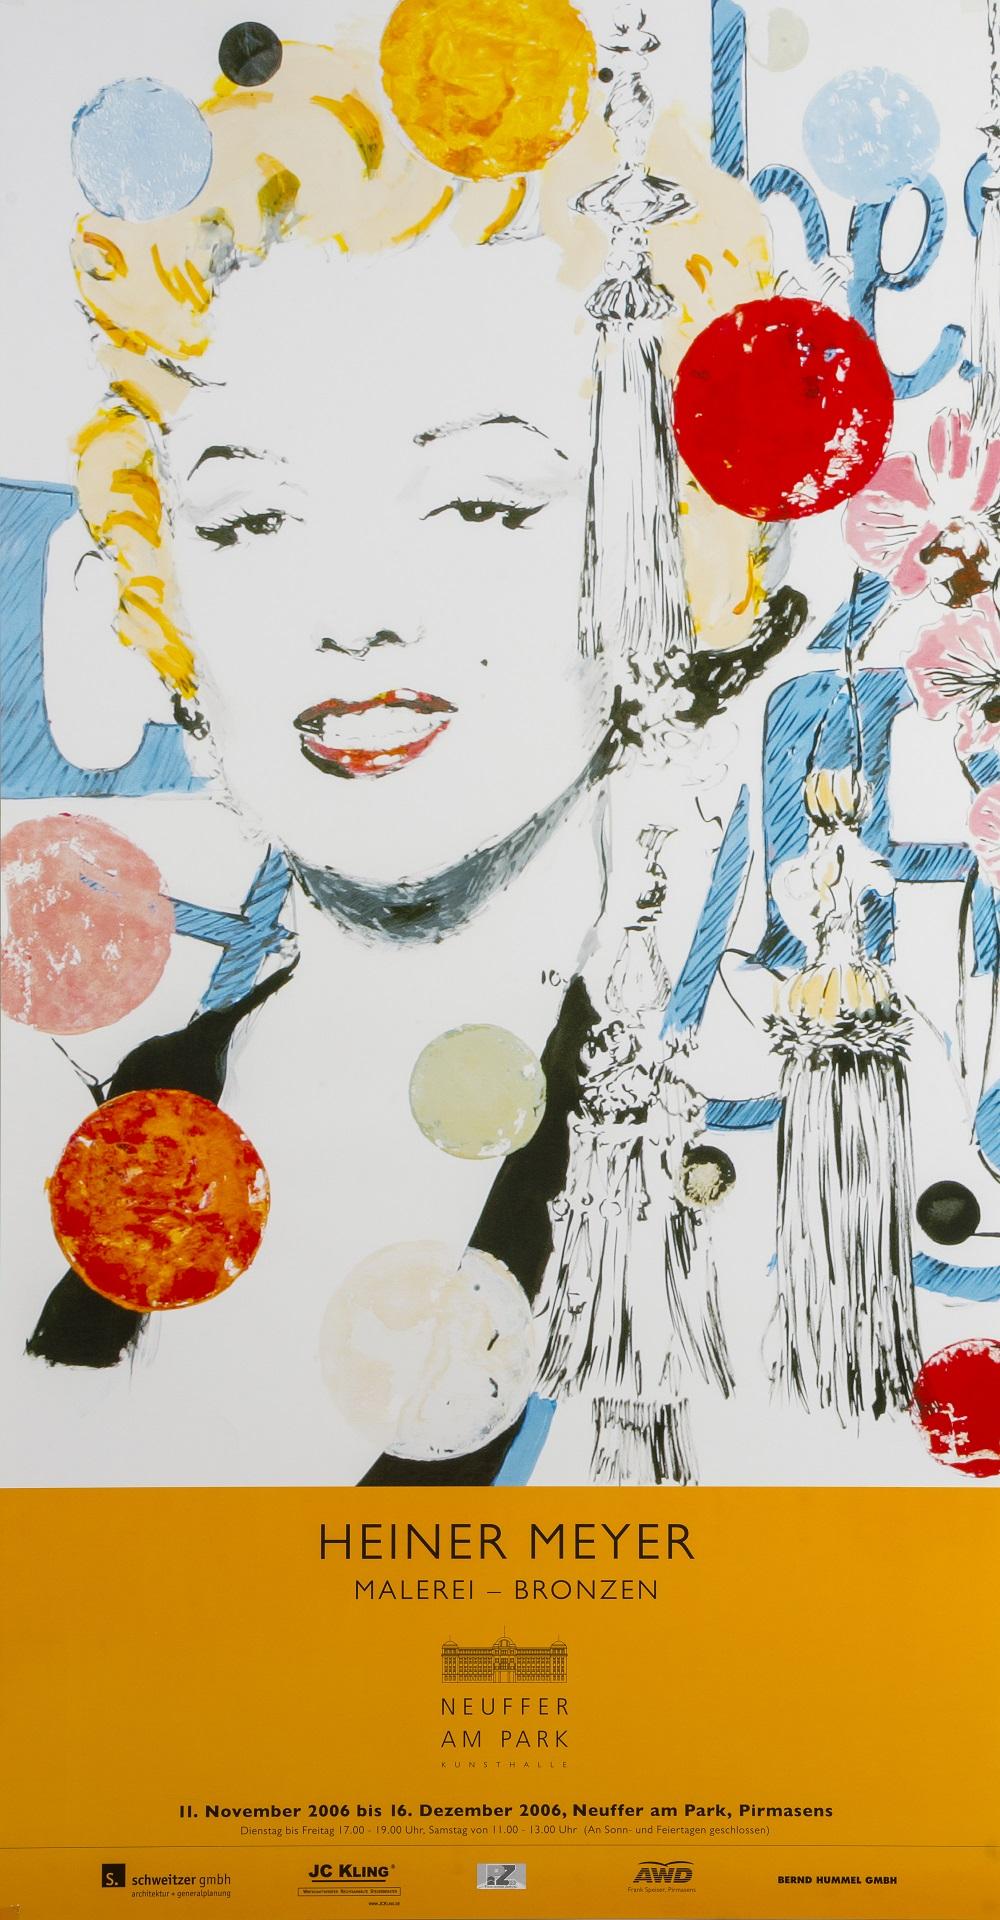 Maler Pirmasens kunst kultur neuffer am park